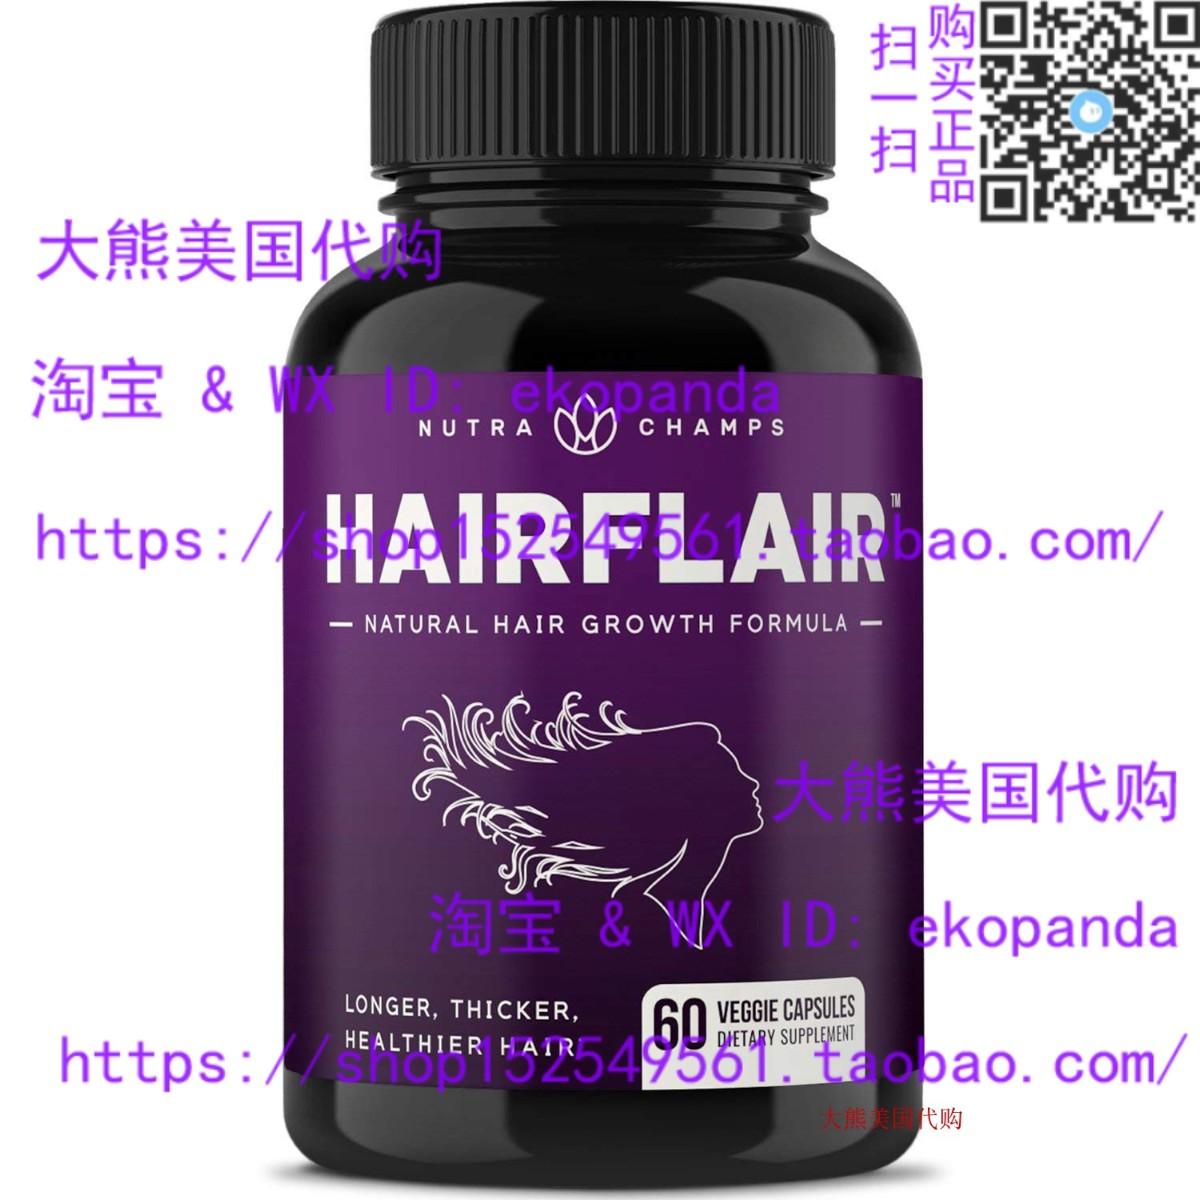 Buy Vitamins, Wholesale Vitamins, Cheap Vitamins from China